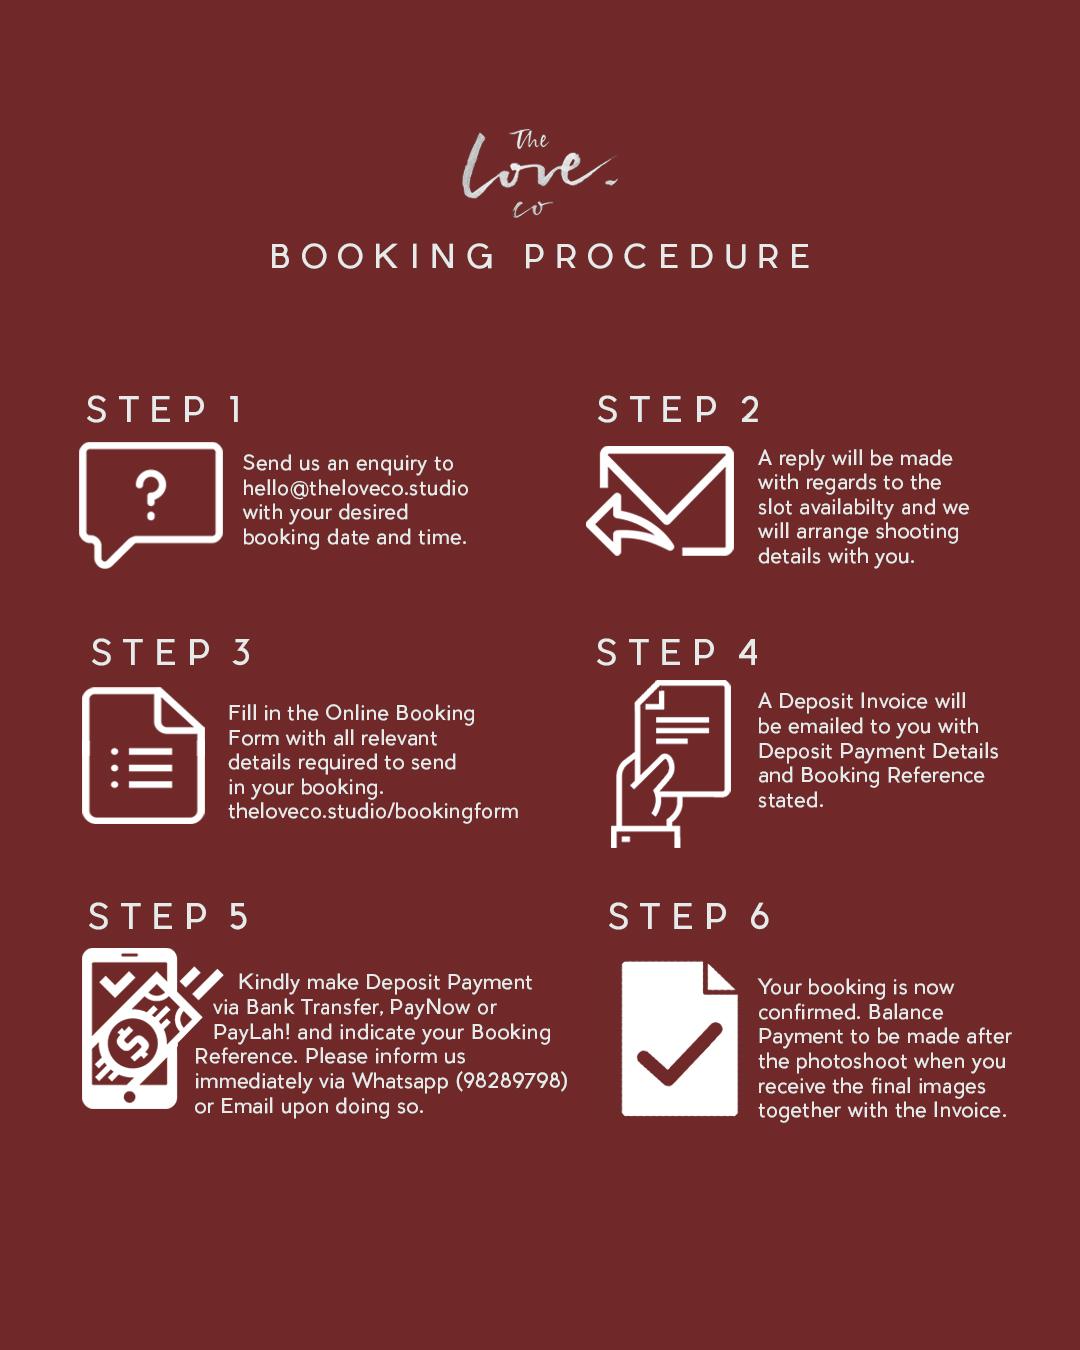 BOOKINGPROCEDURE.jpg